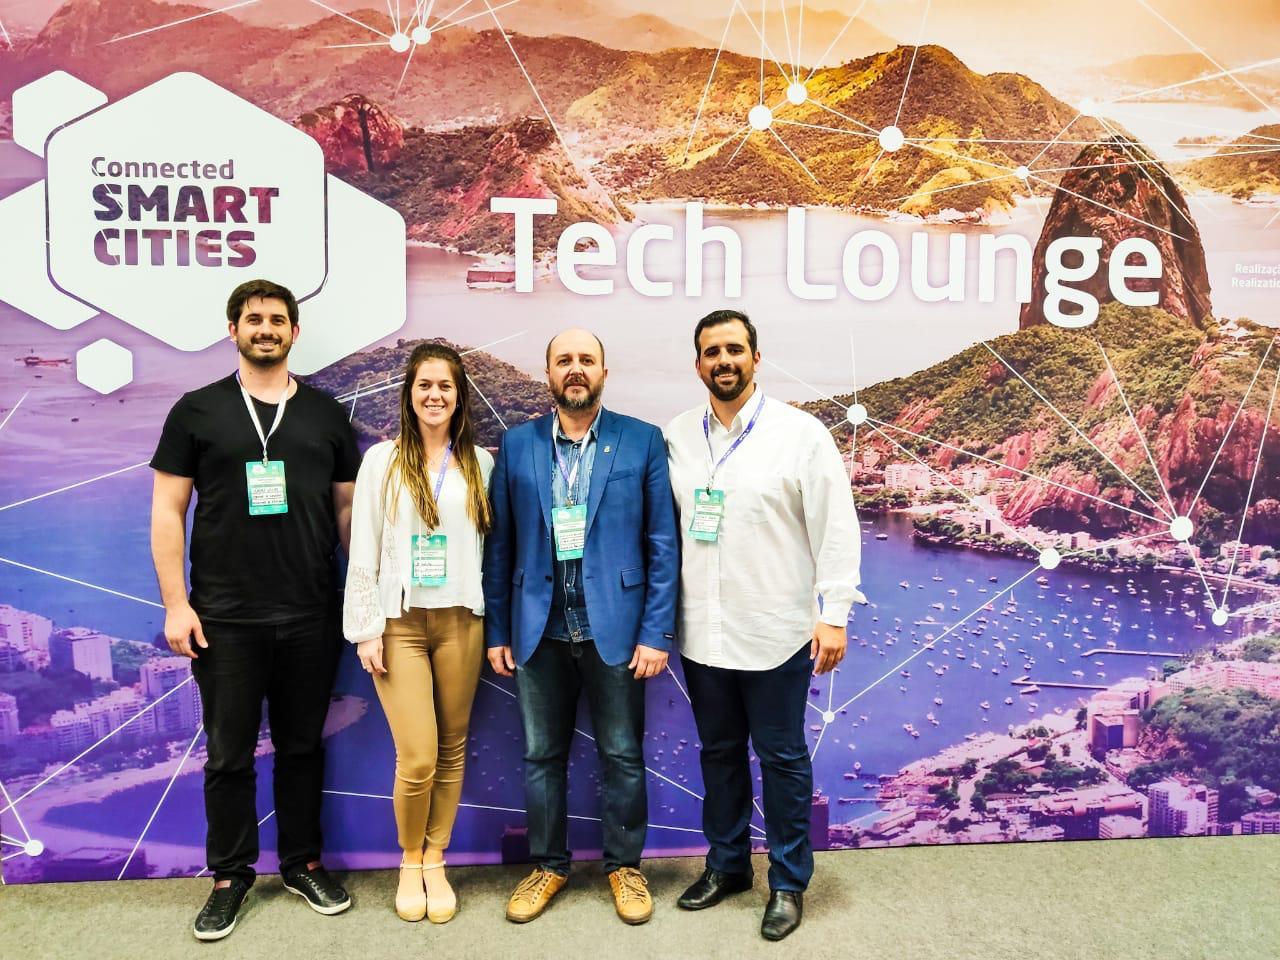 Brusque participa do Connected Smart Cities em São Paulo